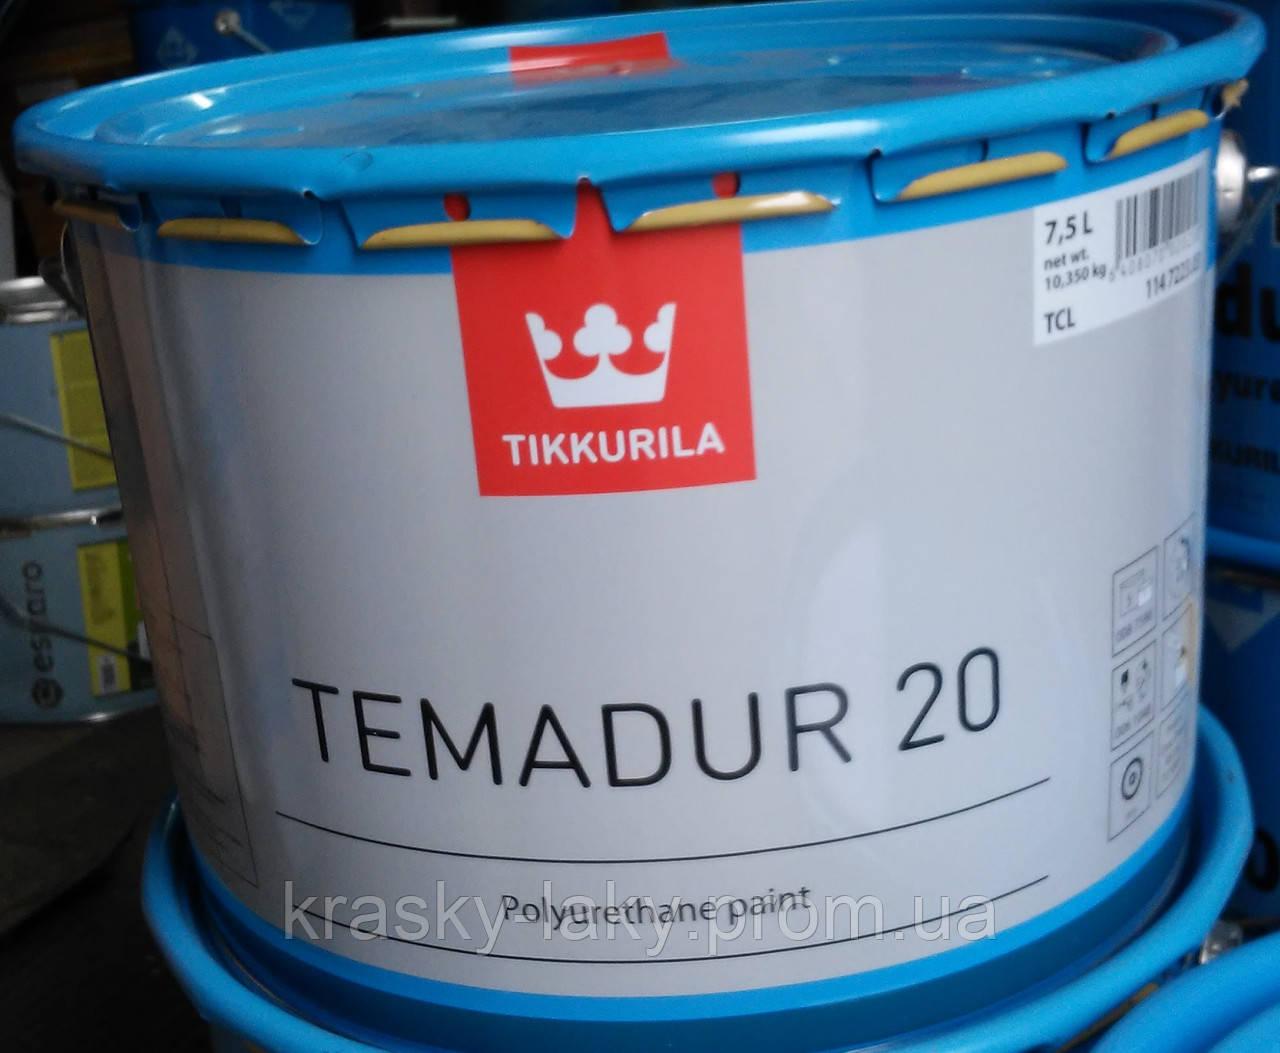 Краска Tikkurila Temadur 20 по металлу атмосферостойкая, 2.25л + 0.45л отвердитель